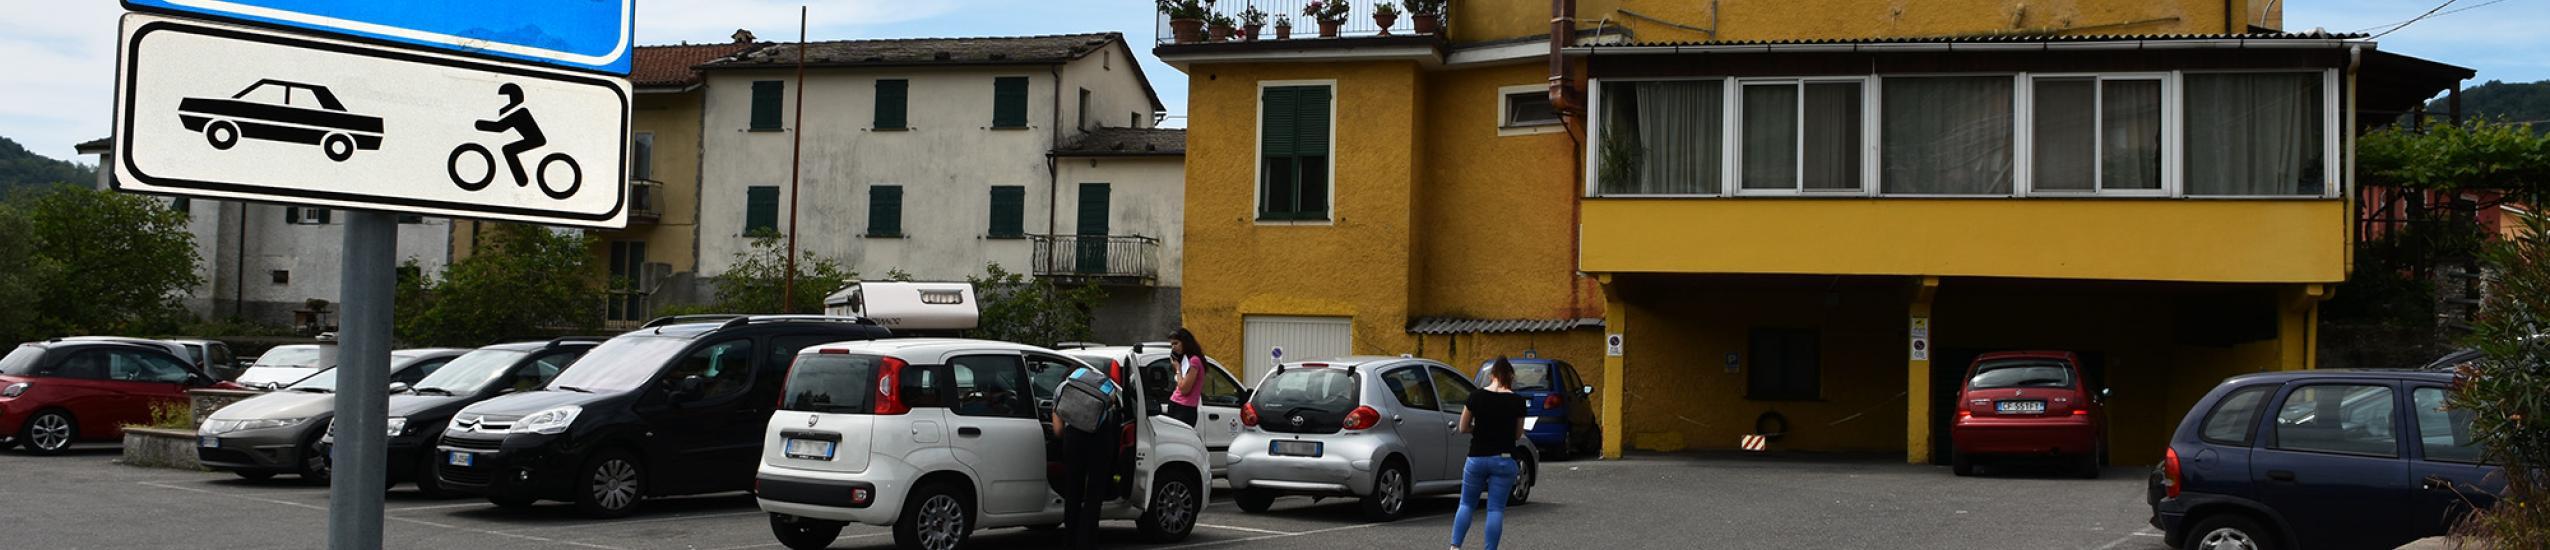 Parcheggio pubblico a Lumarzo (0)